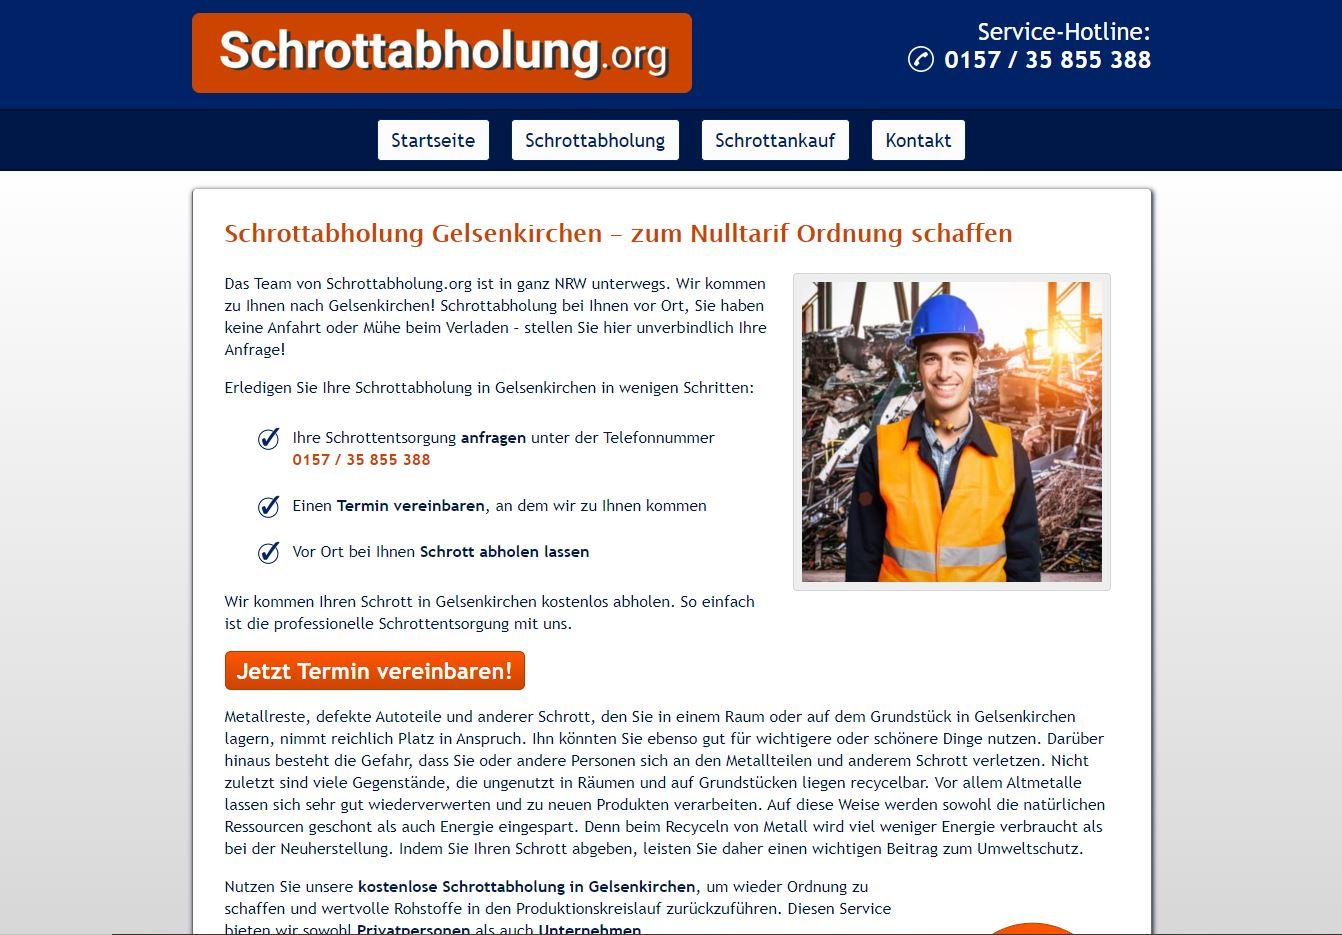 SchrottabholungGelsenkirchen